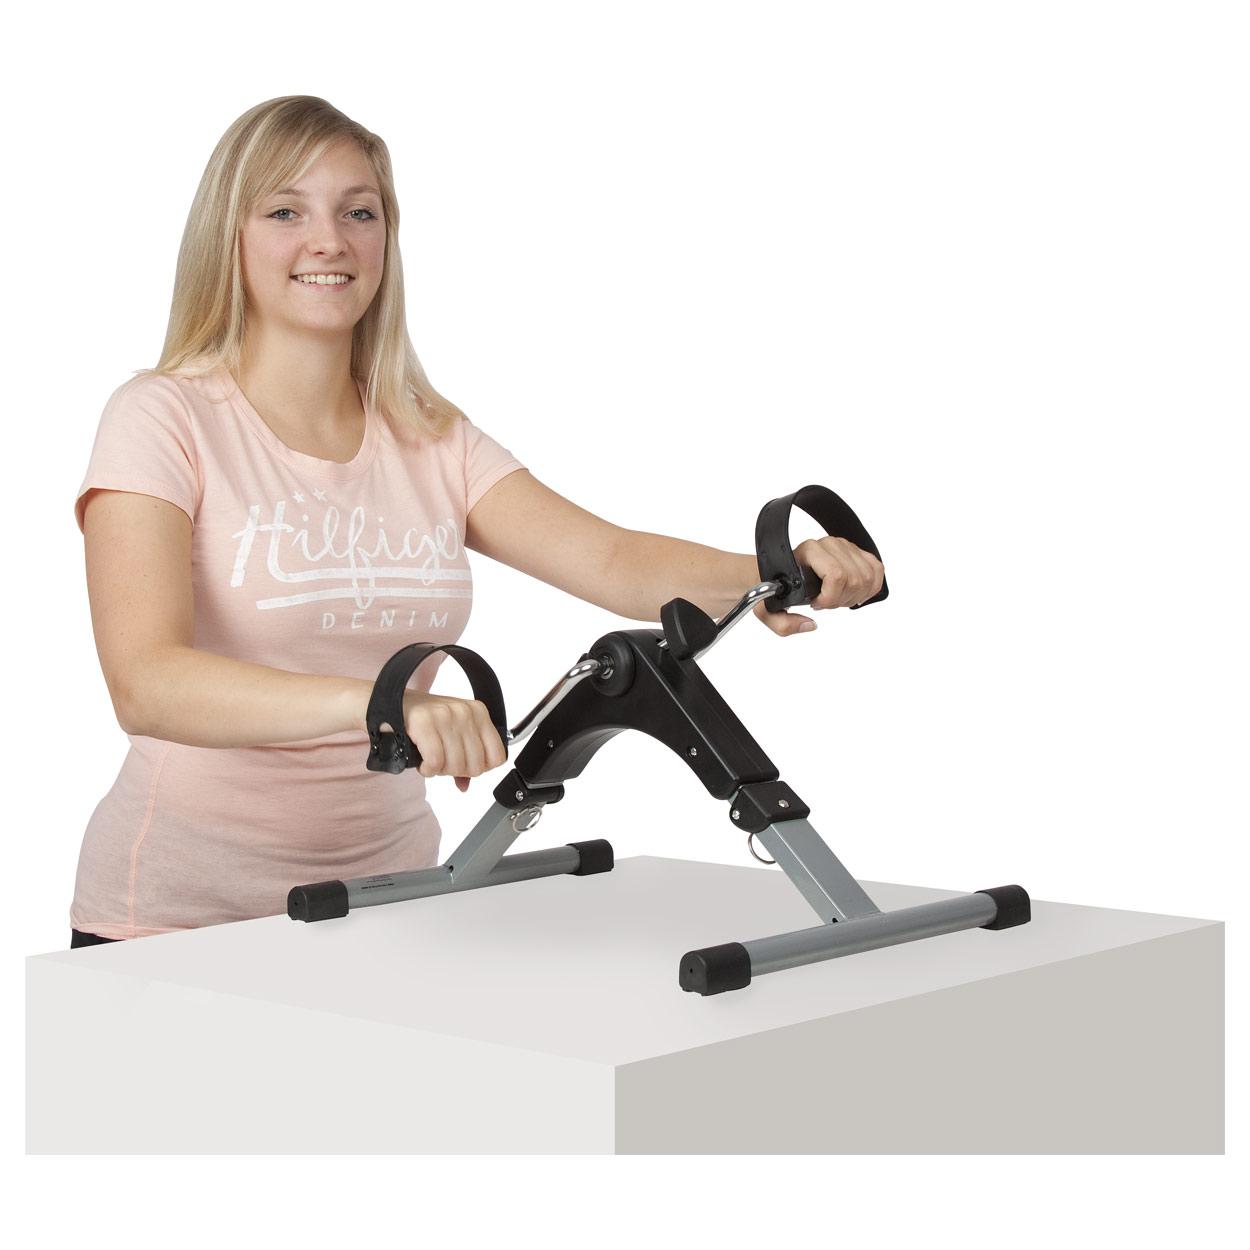 bewegungstrainer arm und beintrainer mini heimtrainer. Black Bedroom Furniture Sets. Home Design Ideas